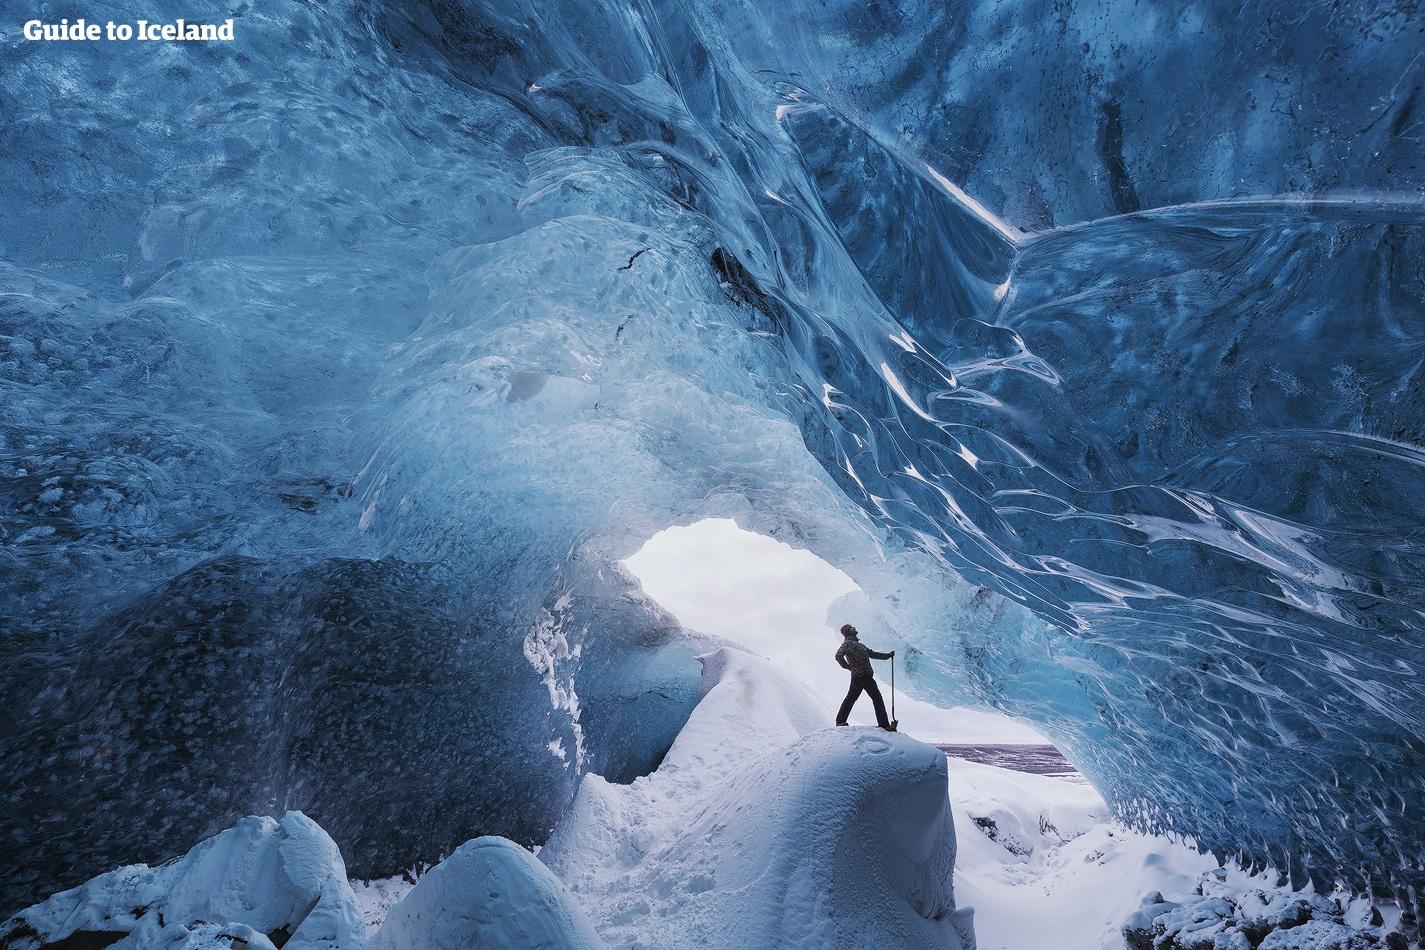 参加蓝冰洞探险,运营商将为您提供头盔与冰爪,您需要穿着结实的登山鞋。